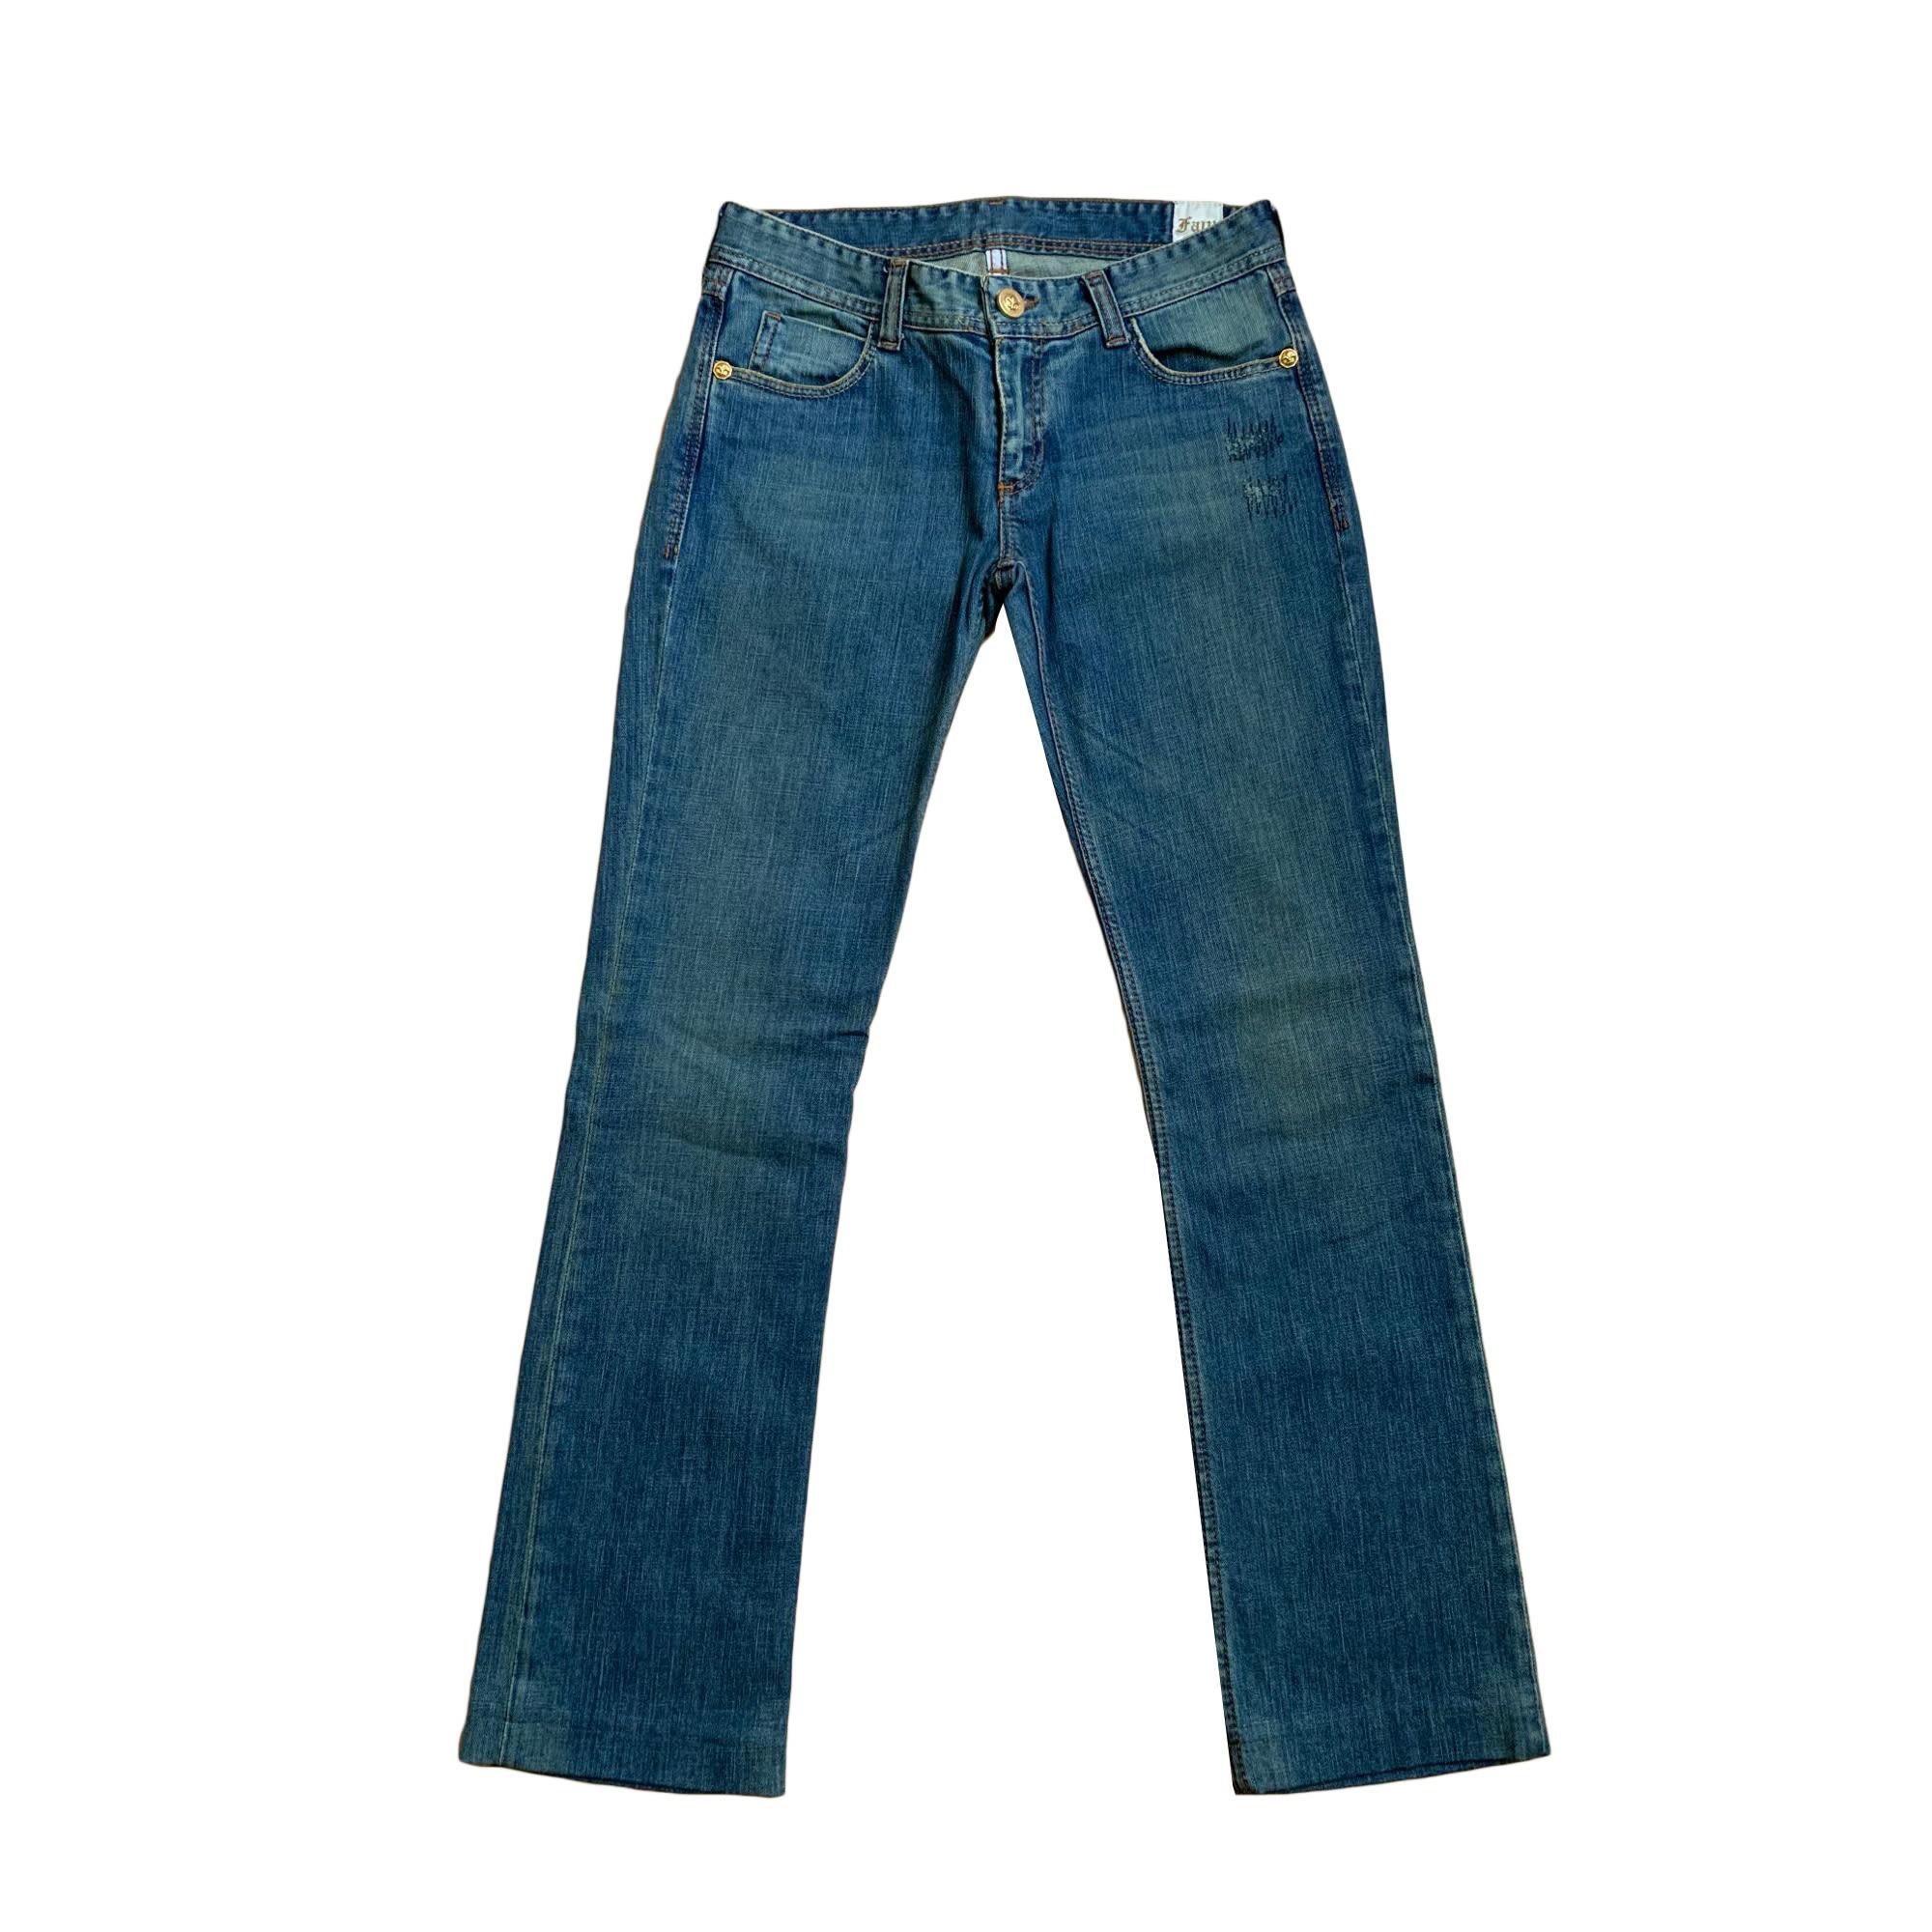 Jeans droit FAITH CONNEXION Bleu, bleu marine, bleu turquoise